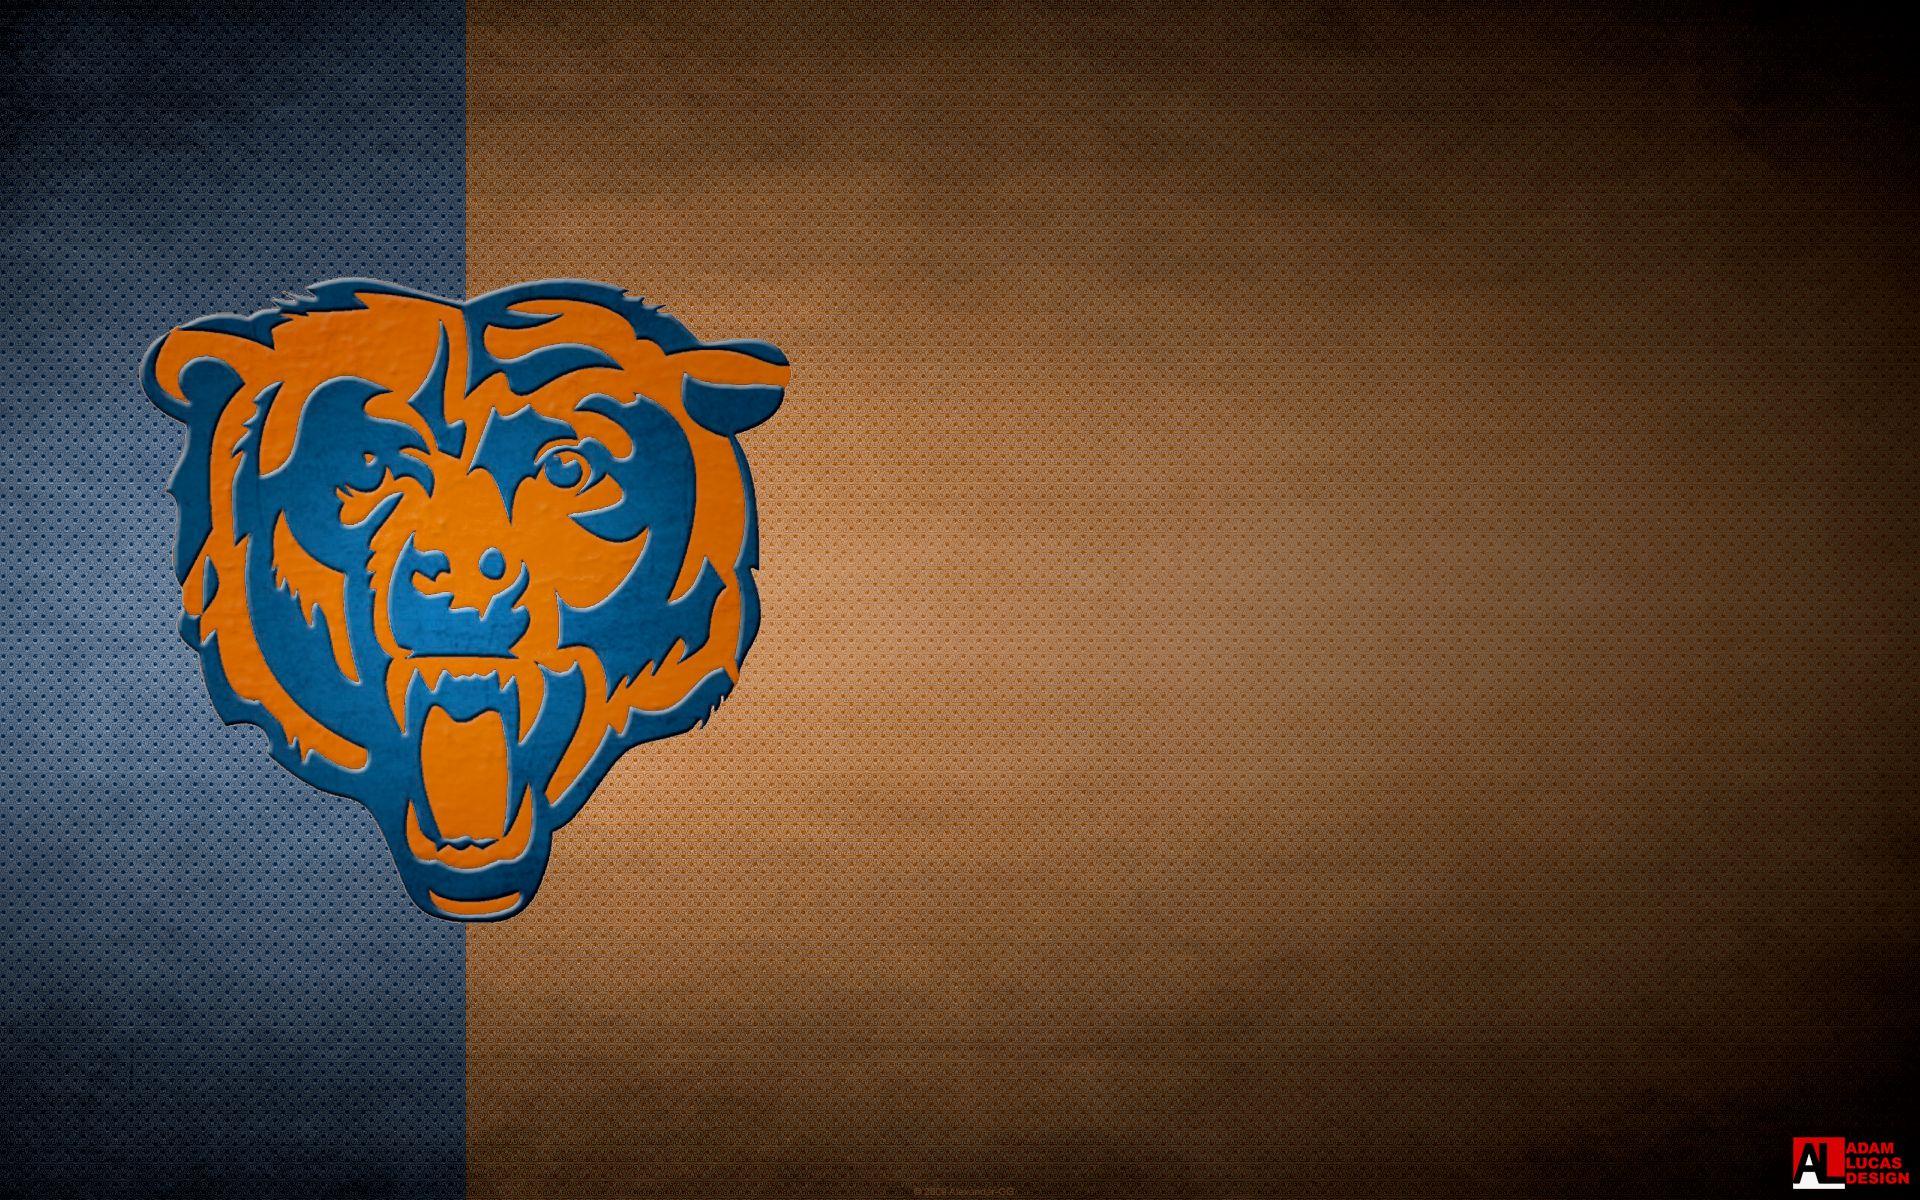 Chicago Bears Wallpaper